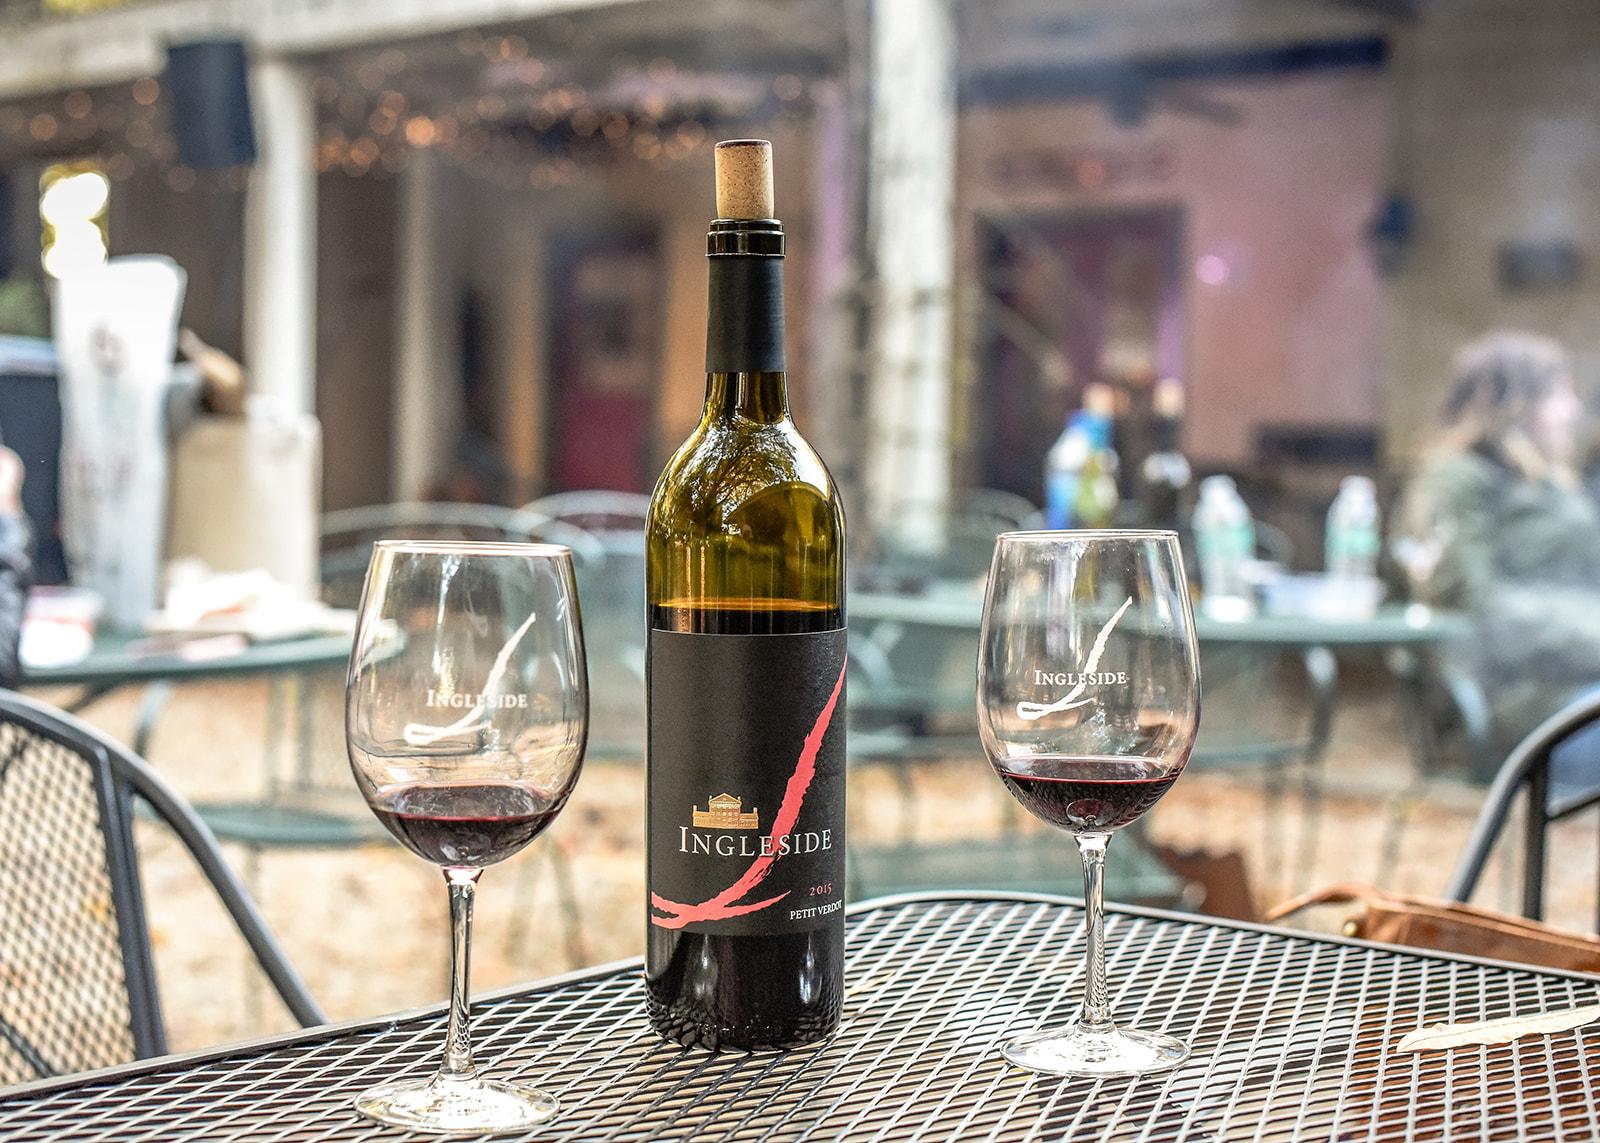 Ingleside Vineyards: Aging Like a Fine Wine